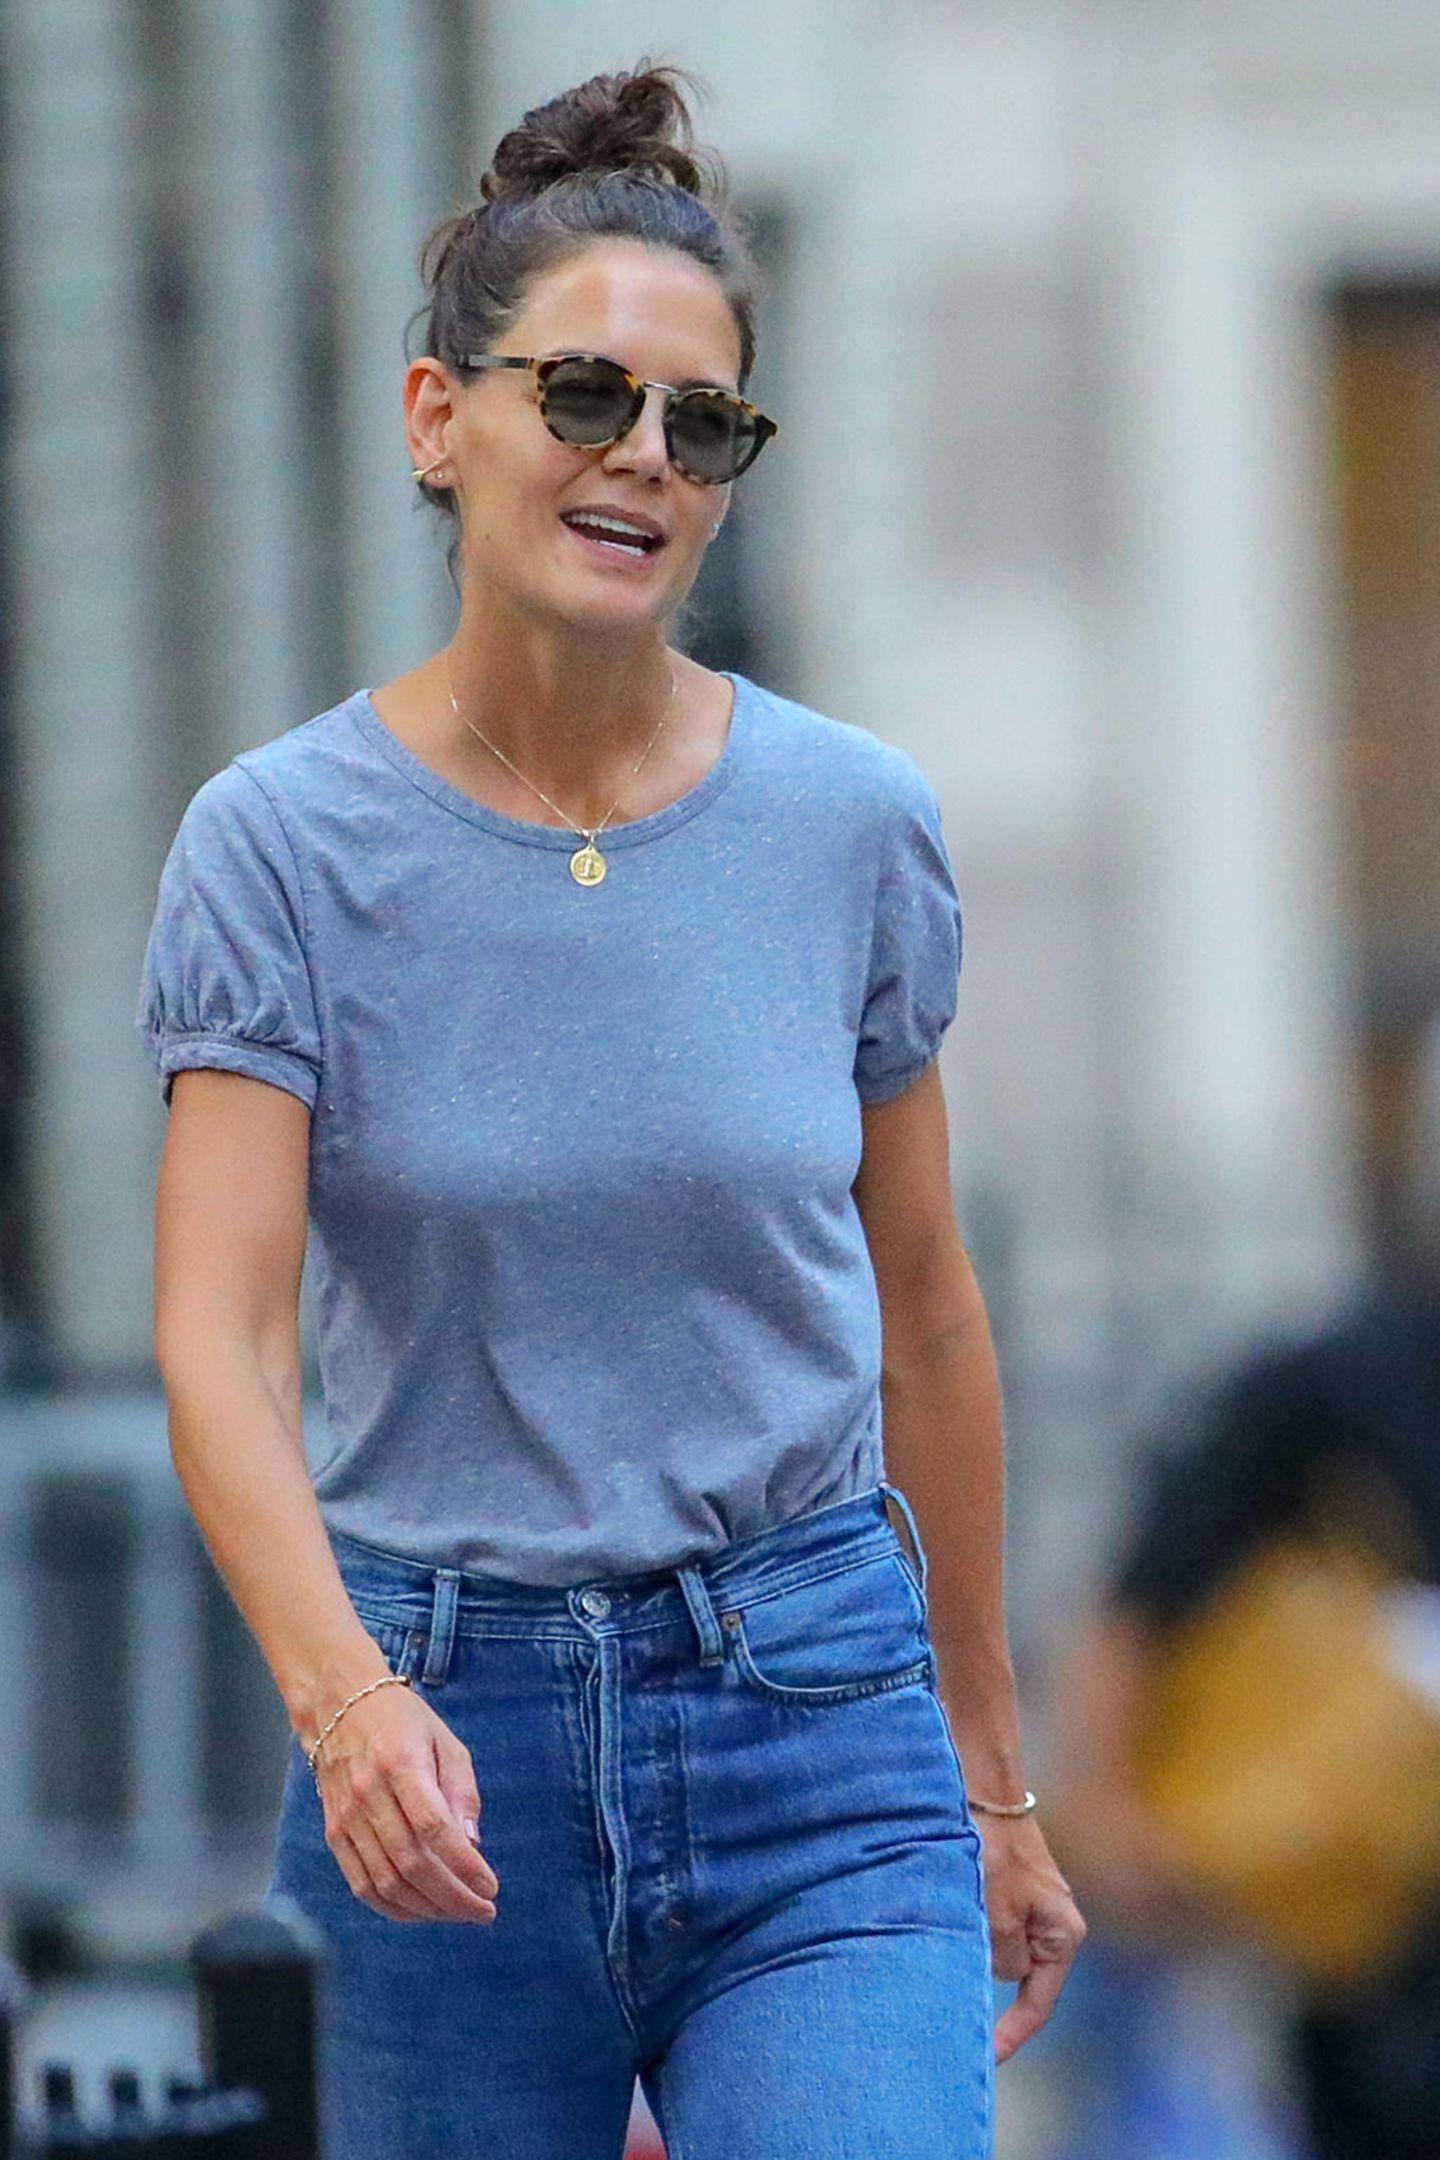 Zwei, die zusammen halten: Nach ihrer Trennung von Jamie Foxx zeigt sich Schauspielerin Katie Holmes erstmals wieder in der Öffentlichkeit. Gemeinsam mit ihrer Tochter, Suri Cruise, spaziert Katie durch New York. In Sachen Styling geht es die frisch getrennte Schauspielerin entspannt an ...